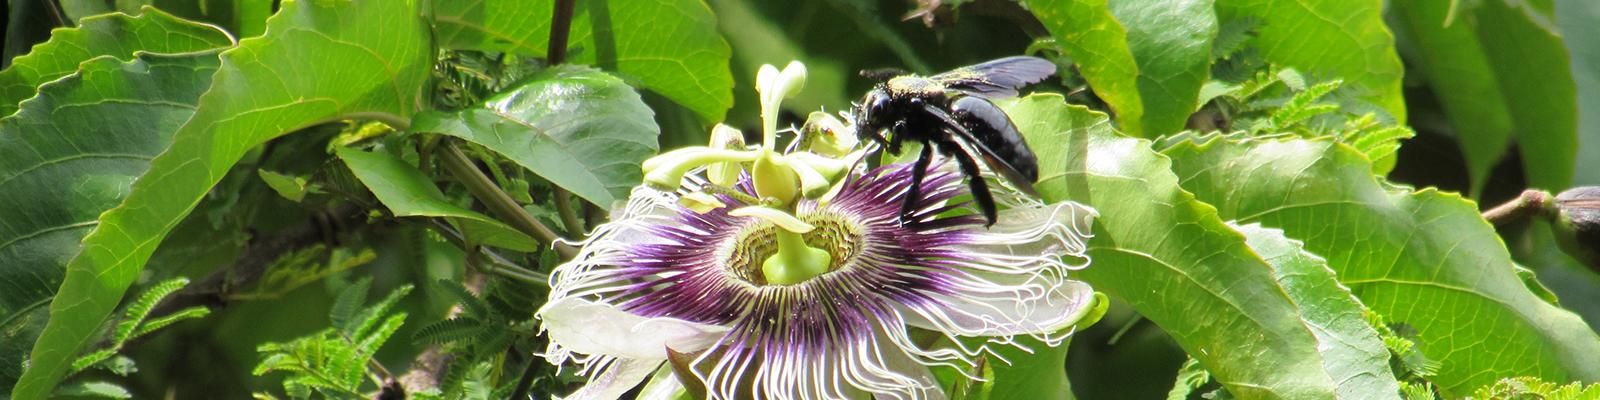 Foto do 1º Concurso de Fotografia- PPGADR - Seu Olhar Sobre o Ambiente. O Flerte. Leticia Bolonha Lucati. Uma abelha mamangava, cor preta e com pólen dourado na superfície está polinizando uma flor de maracujá branca e roxa.